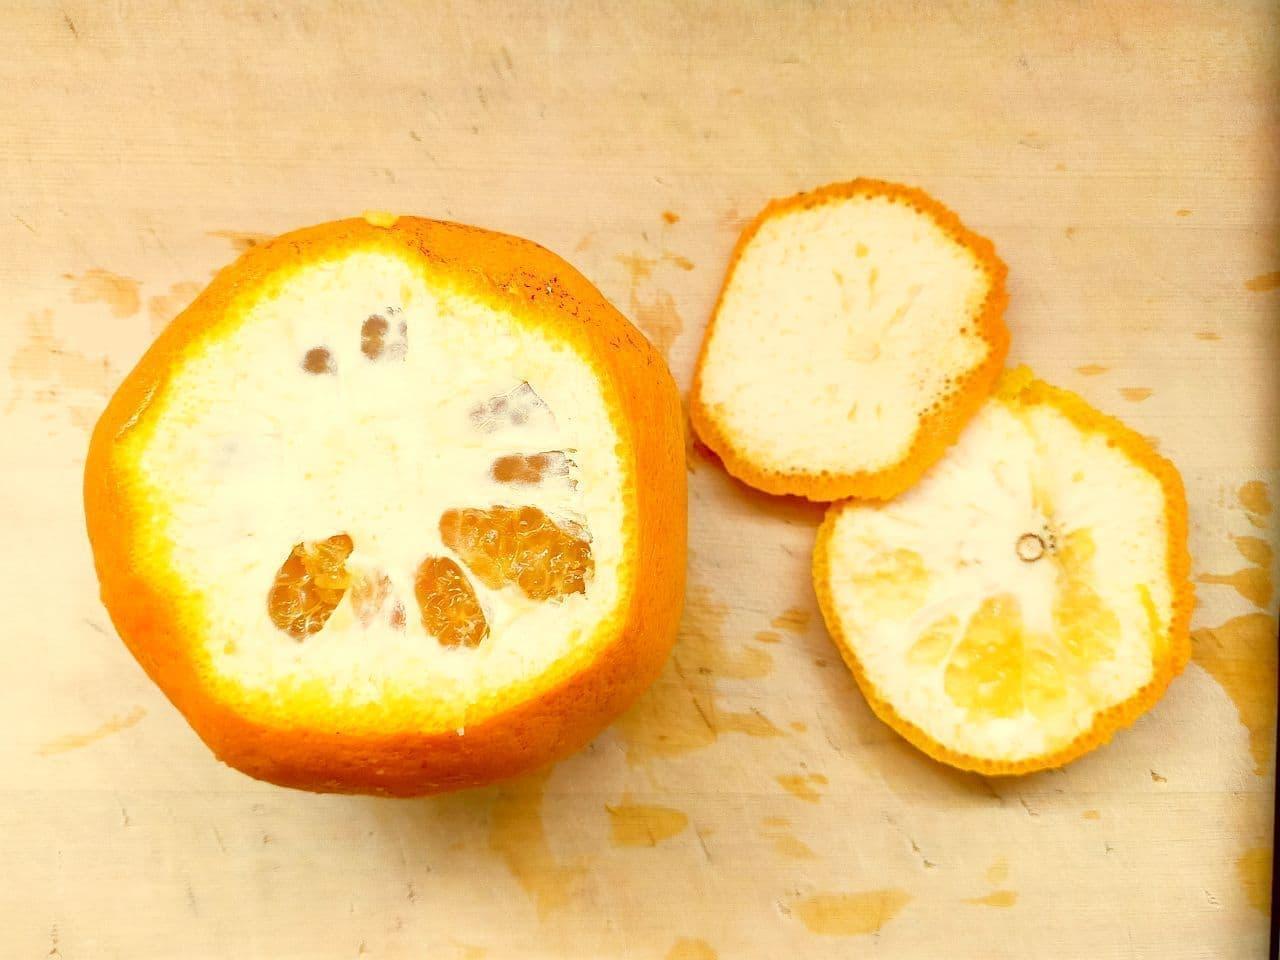 ステップ1 オレンジの皮のむき方